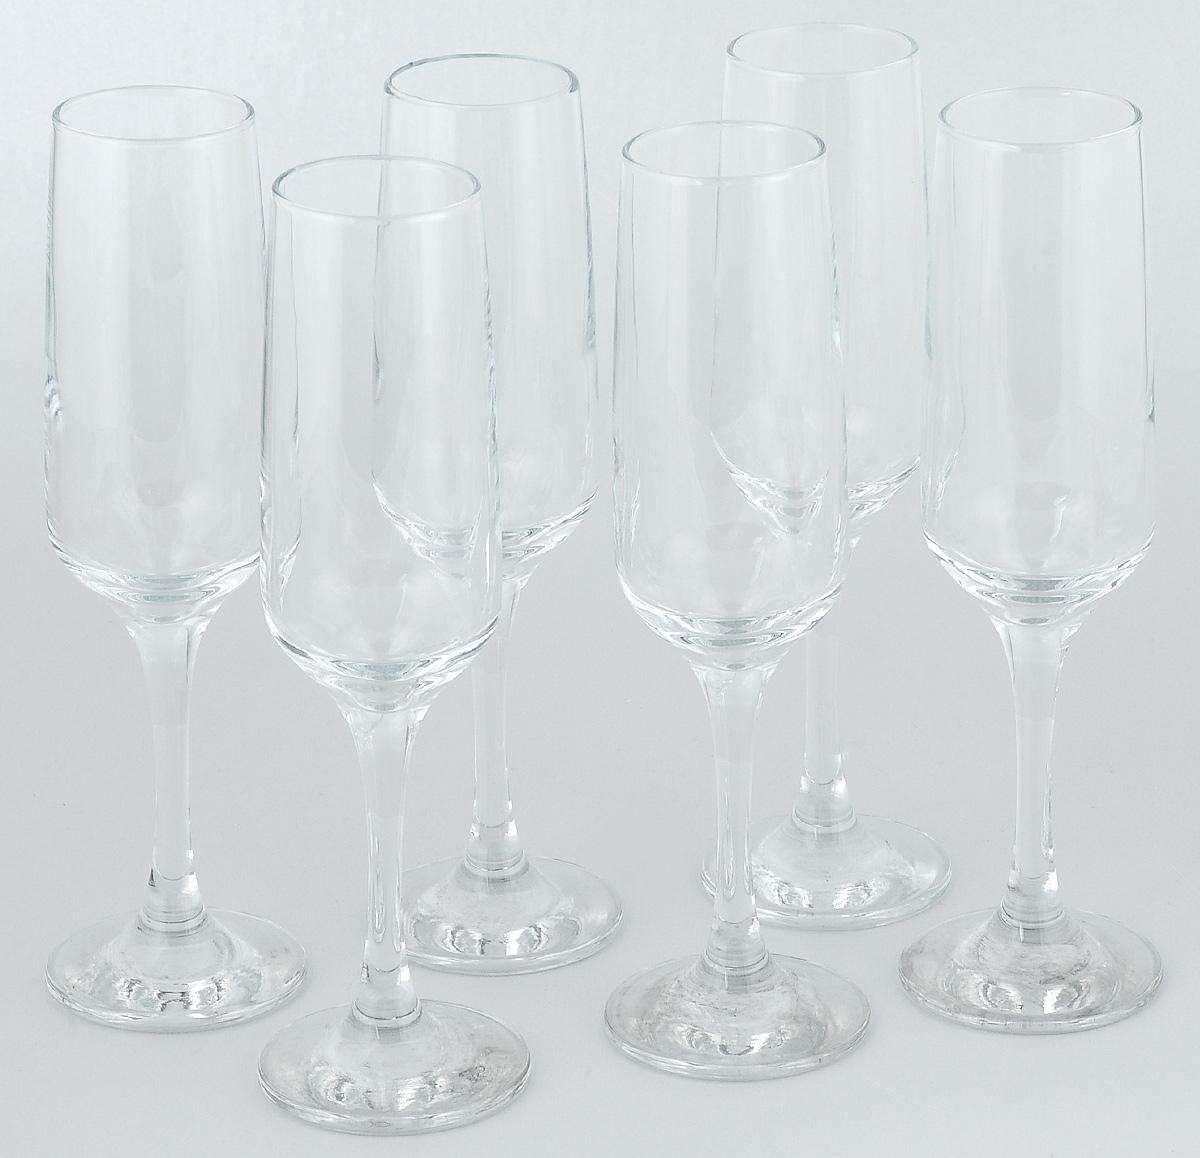 Набор фужеров для шампанского Pasabahce Isabella, 200 мл, 6 шт набор фужеров для шампанского pasabahce bistro цвет прозрачный 275 мл 6 шт